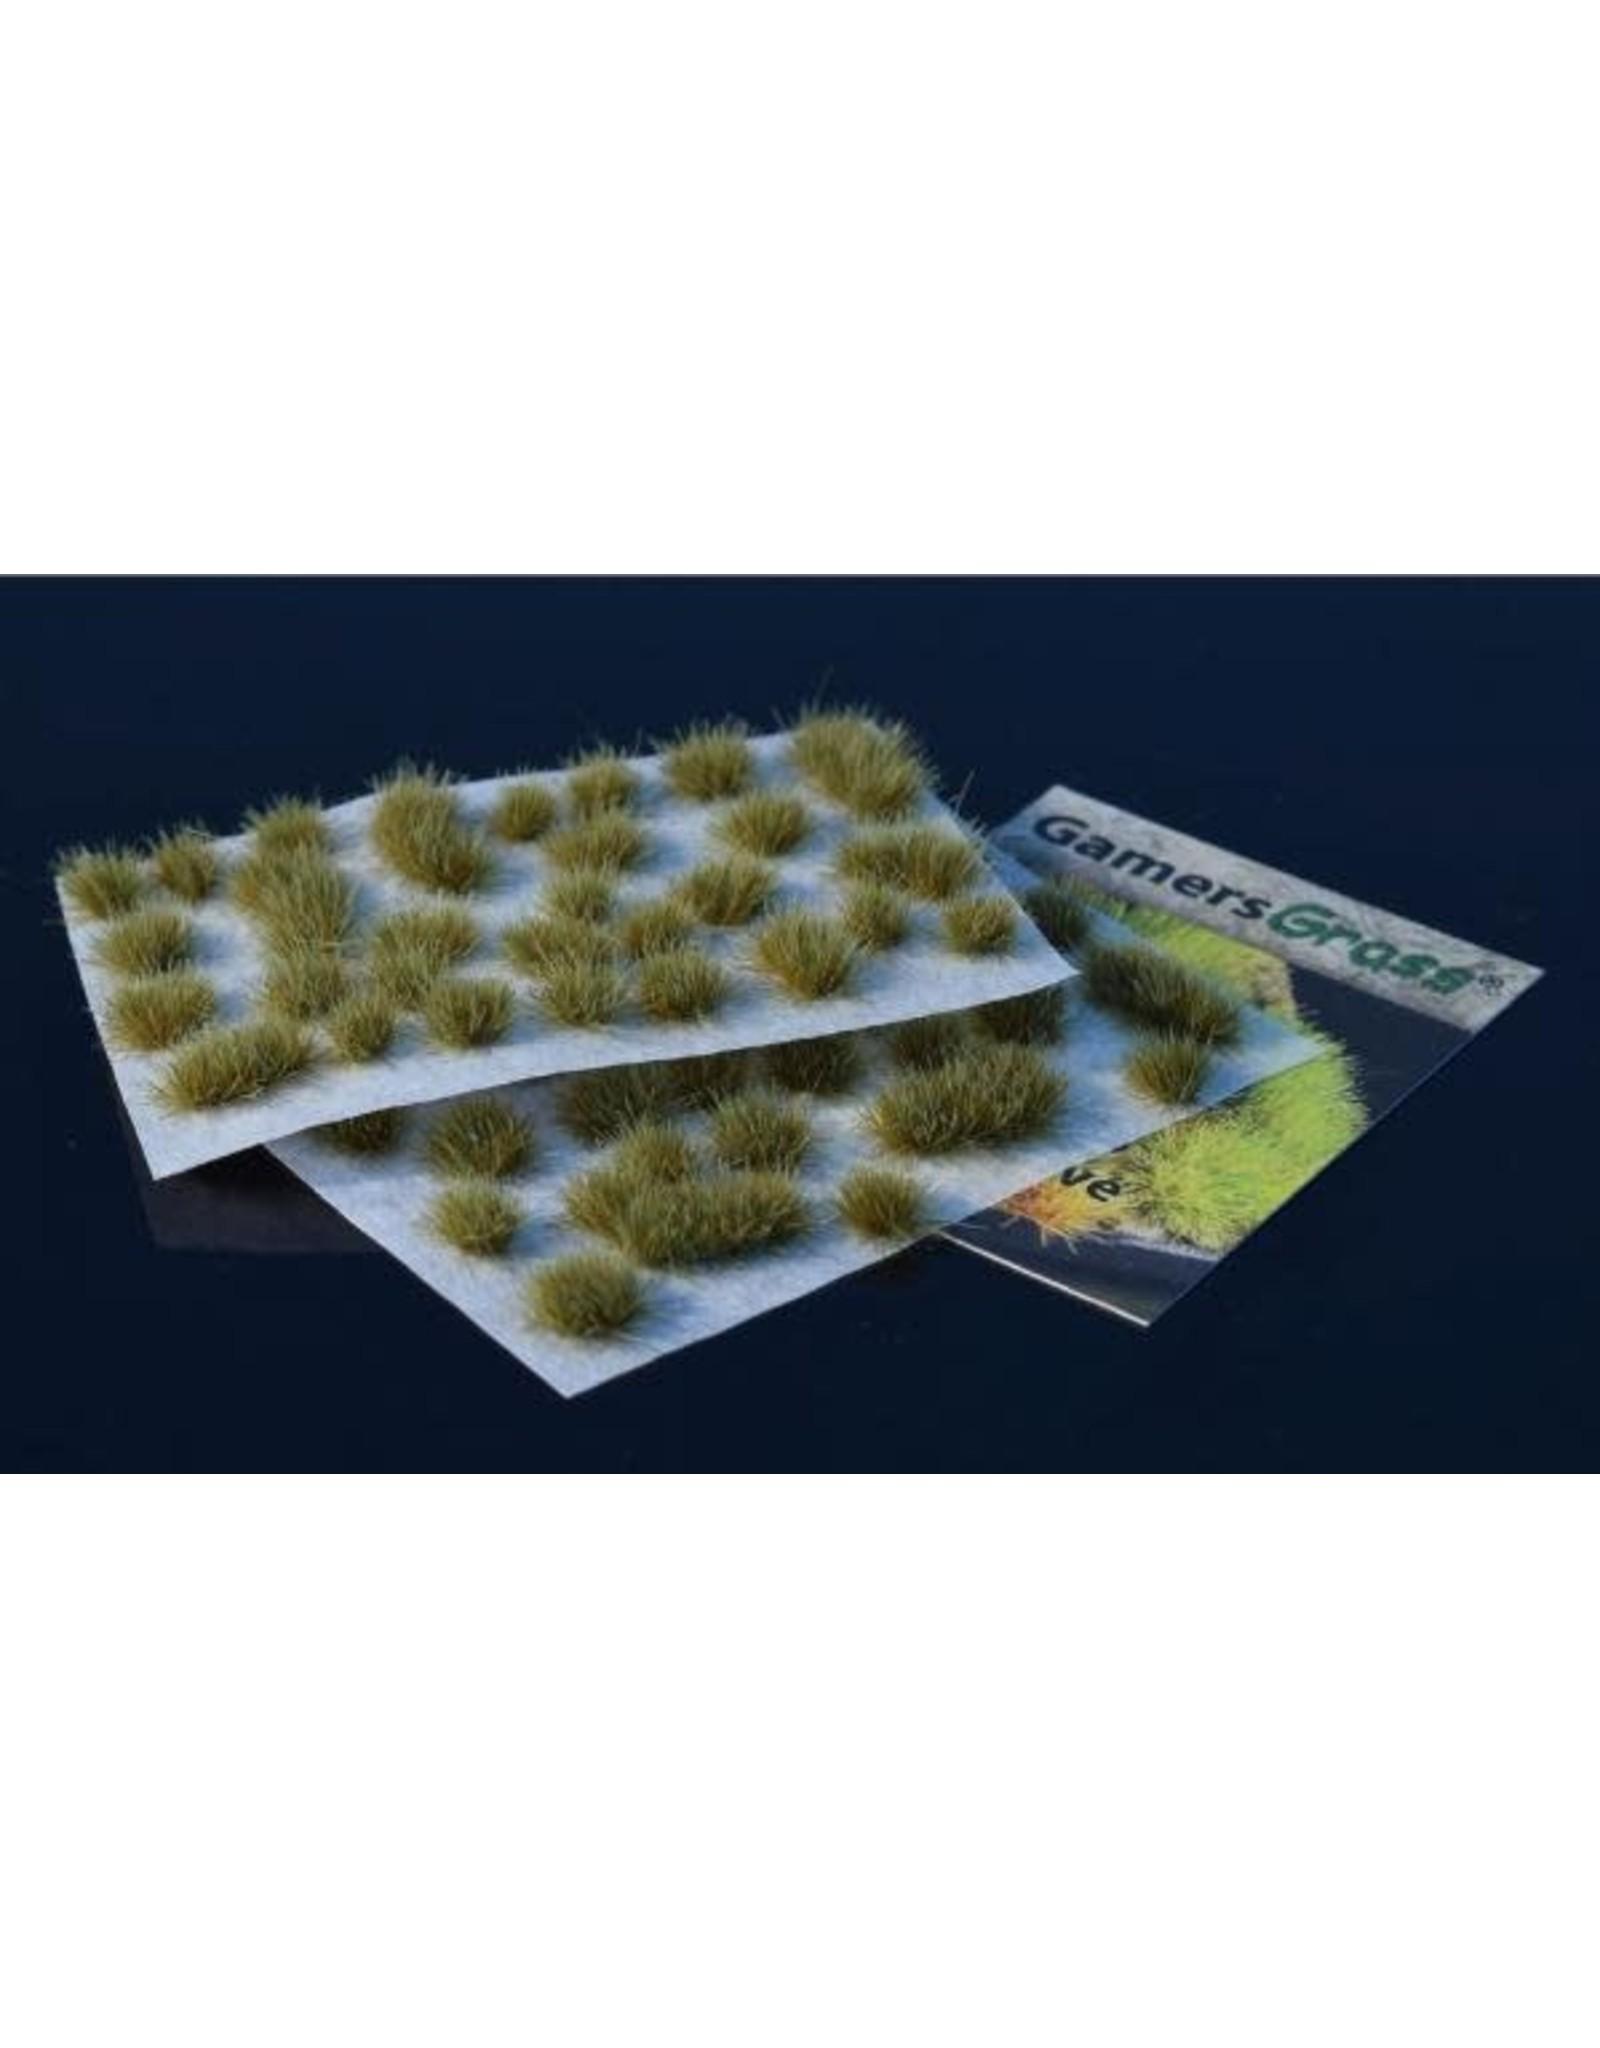 Gamer Grass Gamers Grass Mixed Green Wild Tufts 6mm